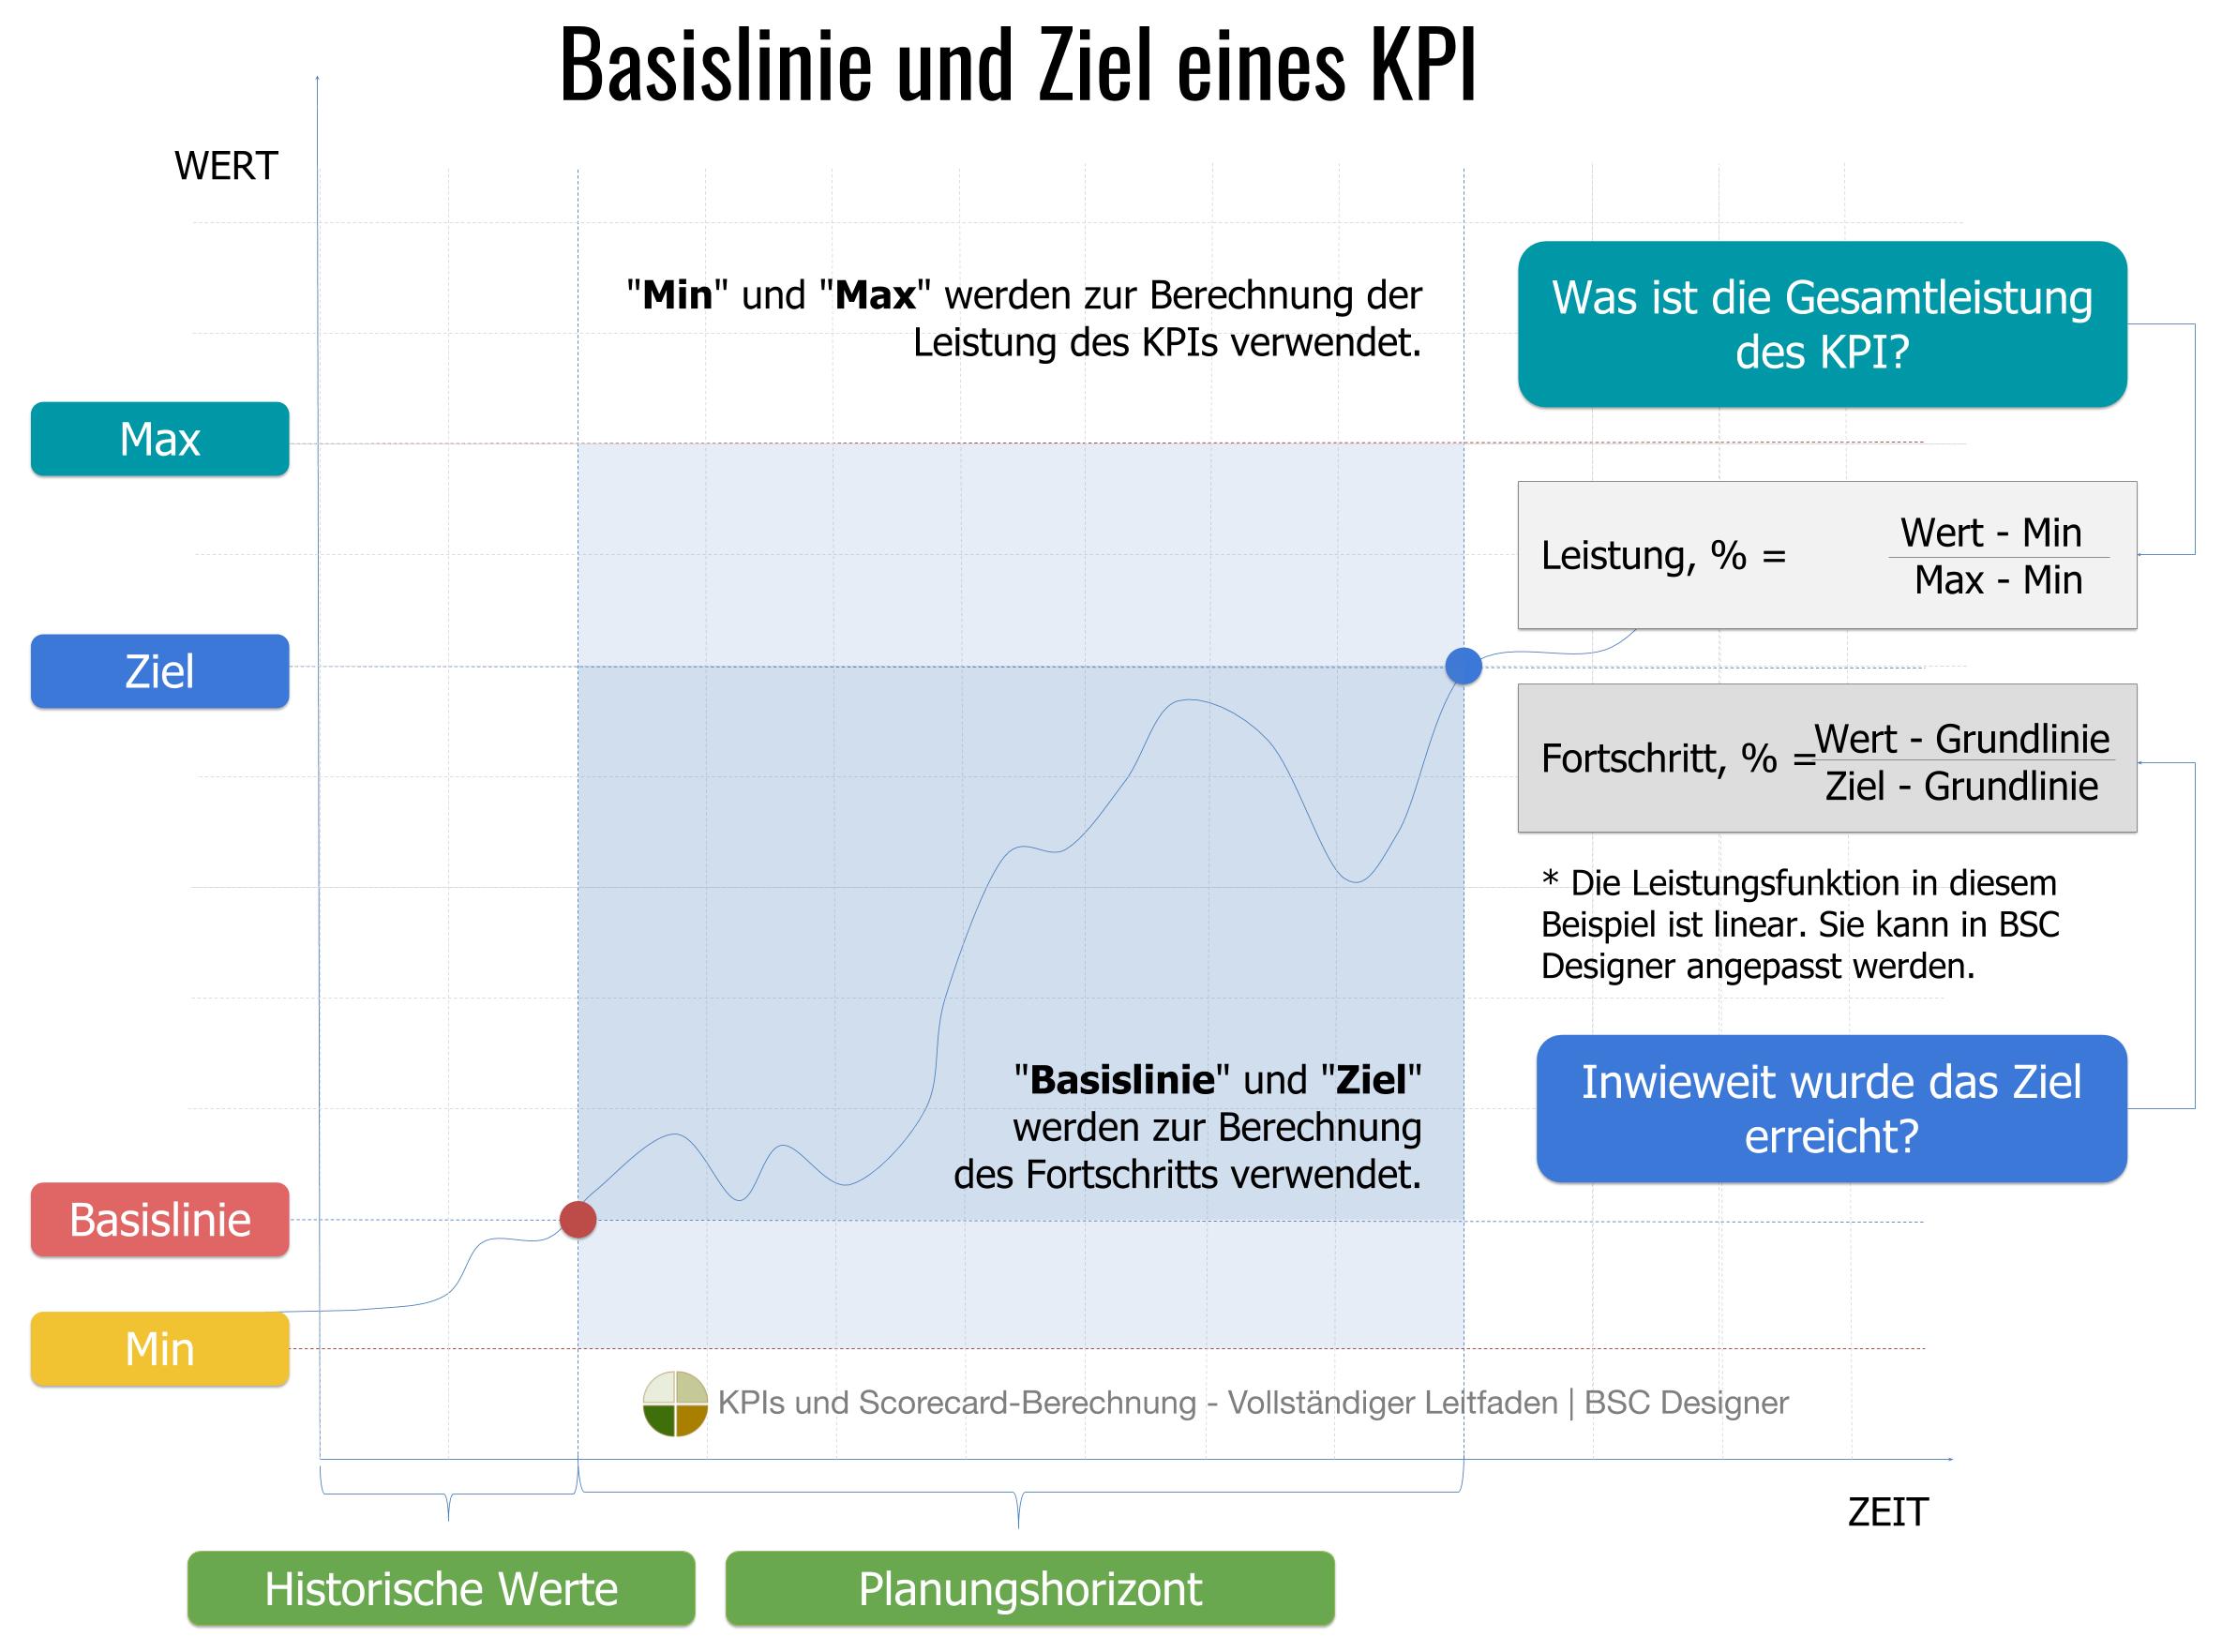 Basislinie und Ziel eines KPI